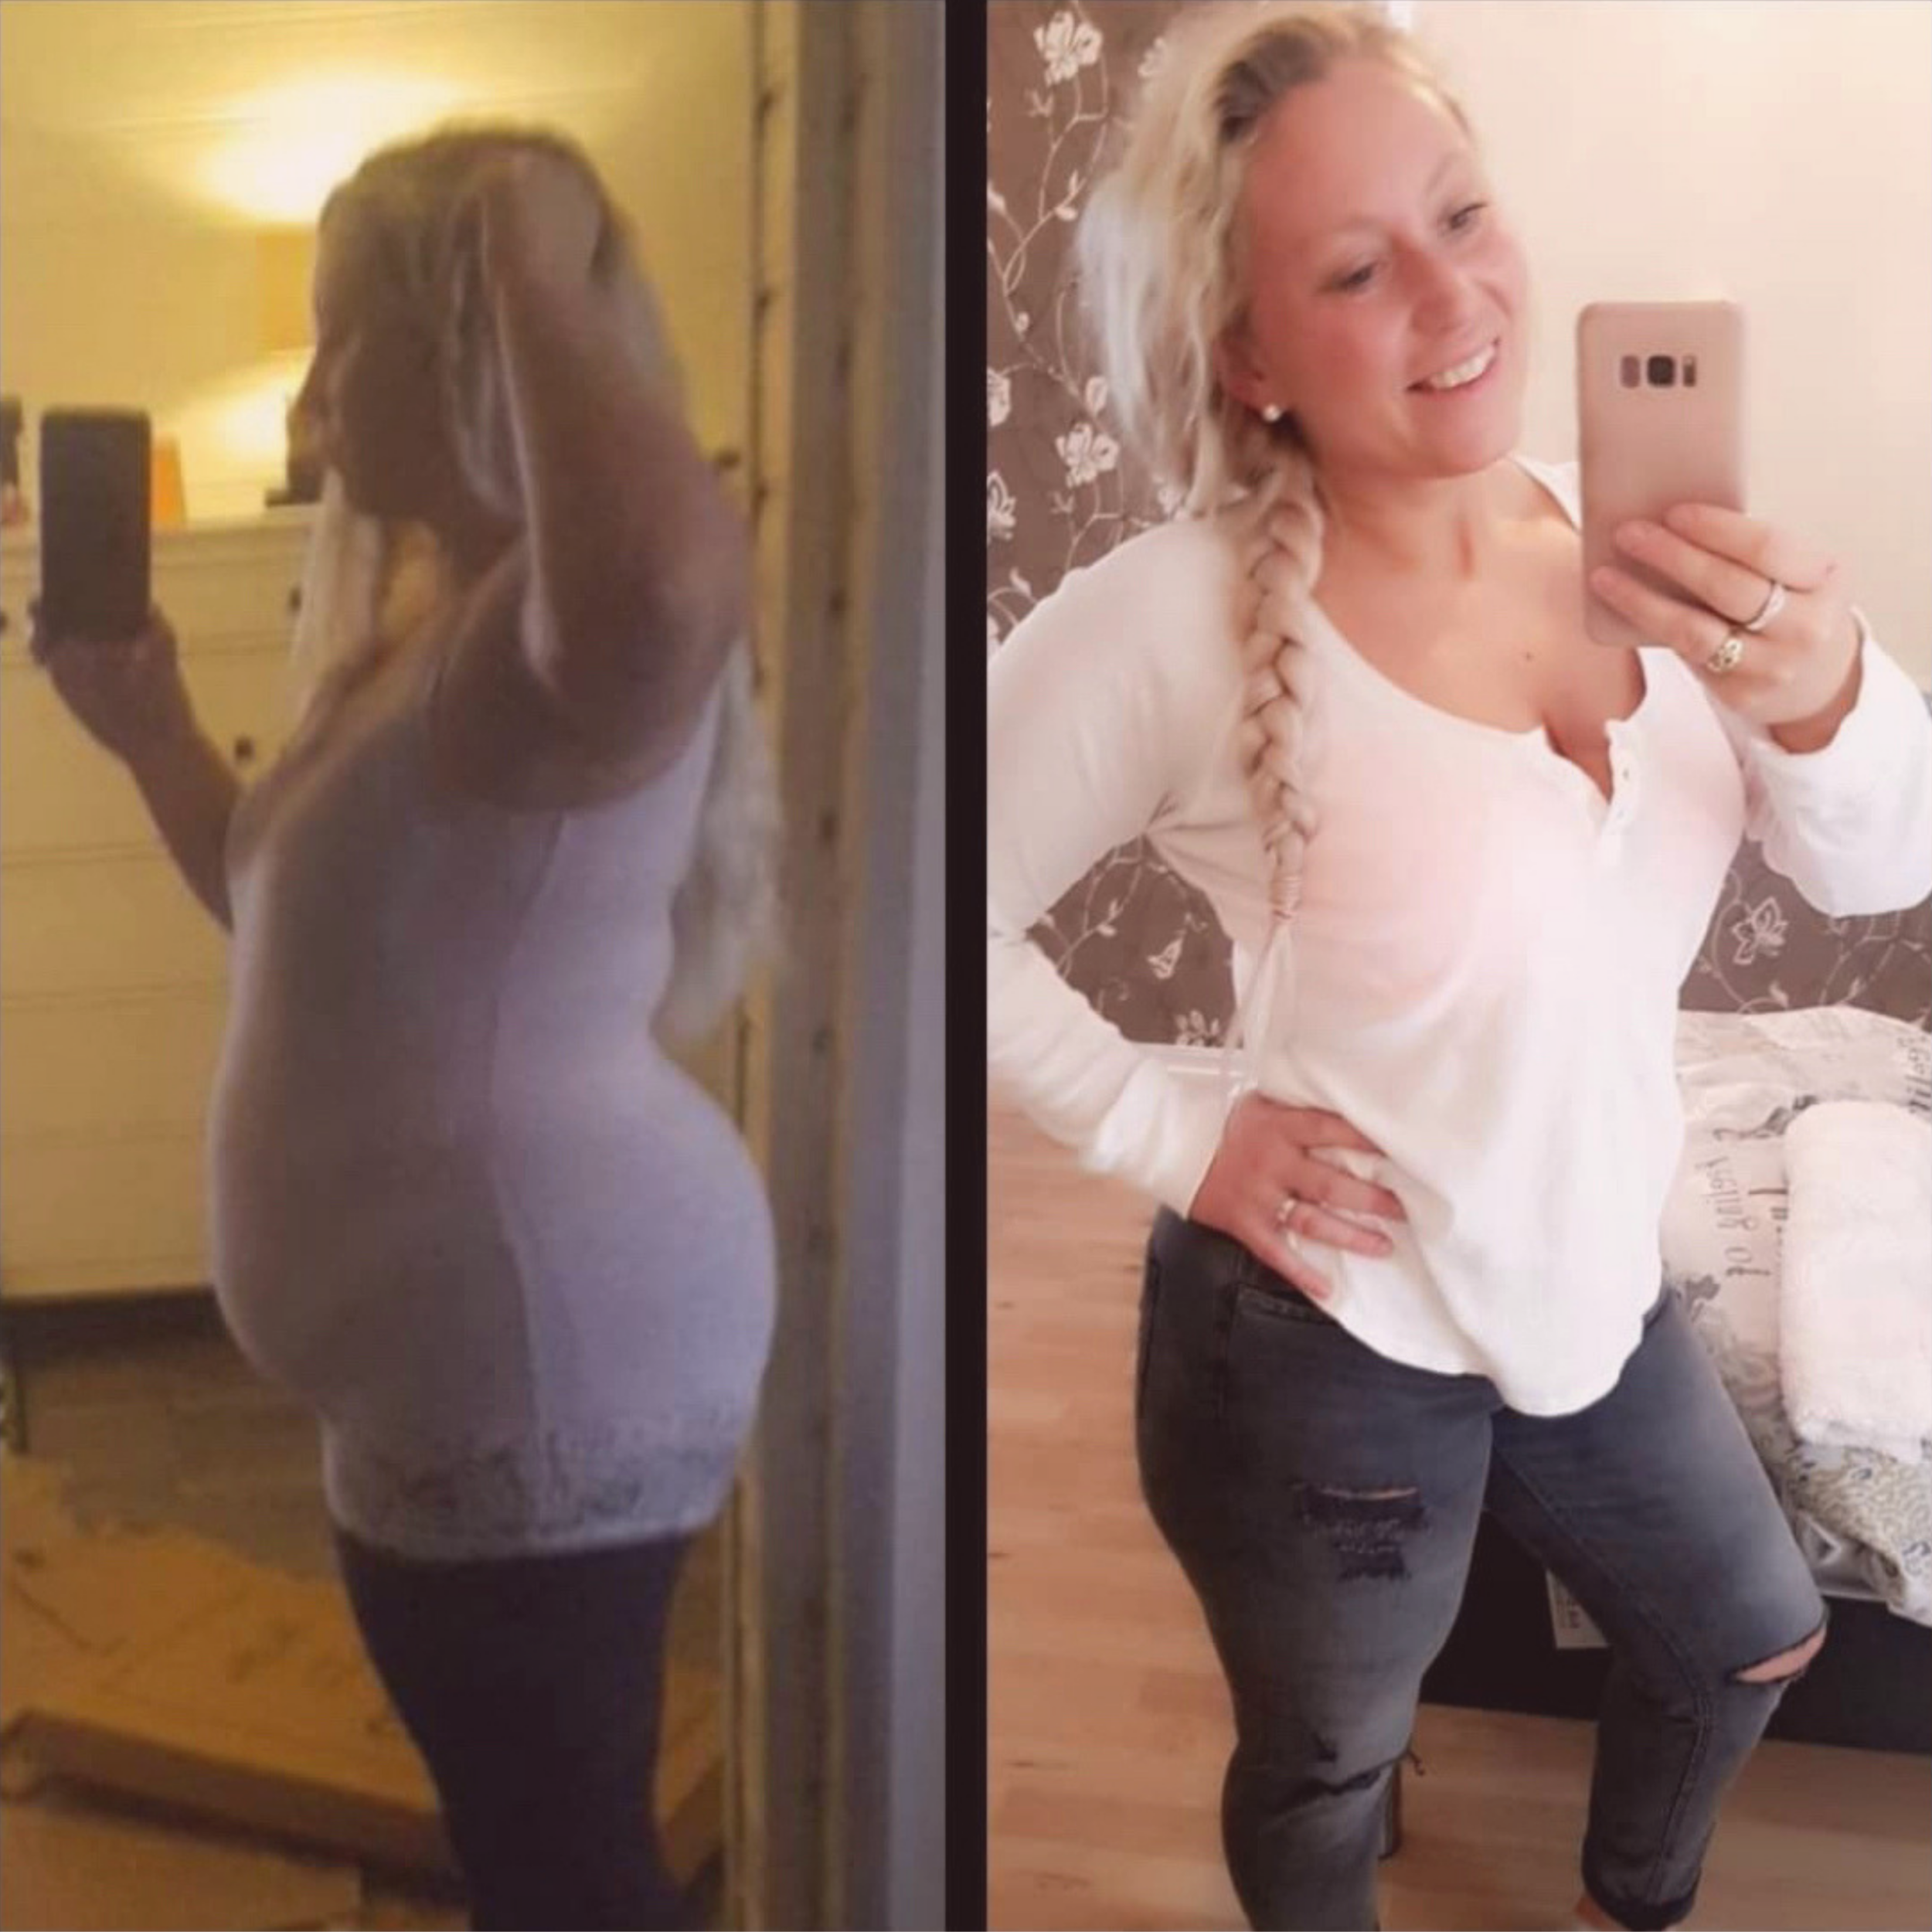 MAYA JOHANSEN - Denne maten har reddet meg fra diabetes og IBS, som var målet, men nå har jeg fått livet tilbake også! Jeg har gått ned over 40 kg og blitt glad i meg selv igjen.